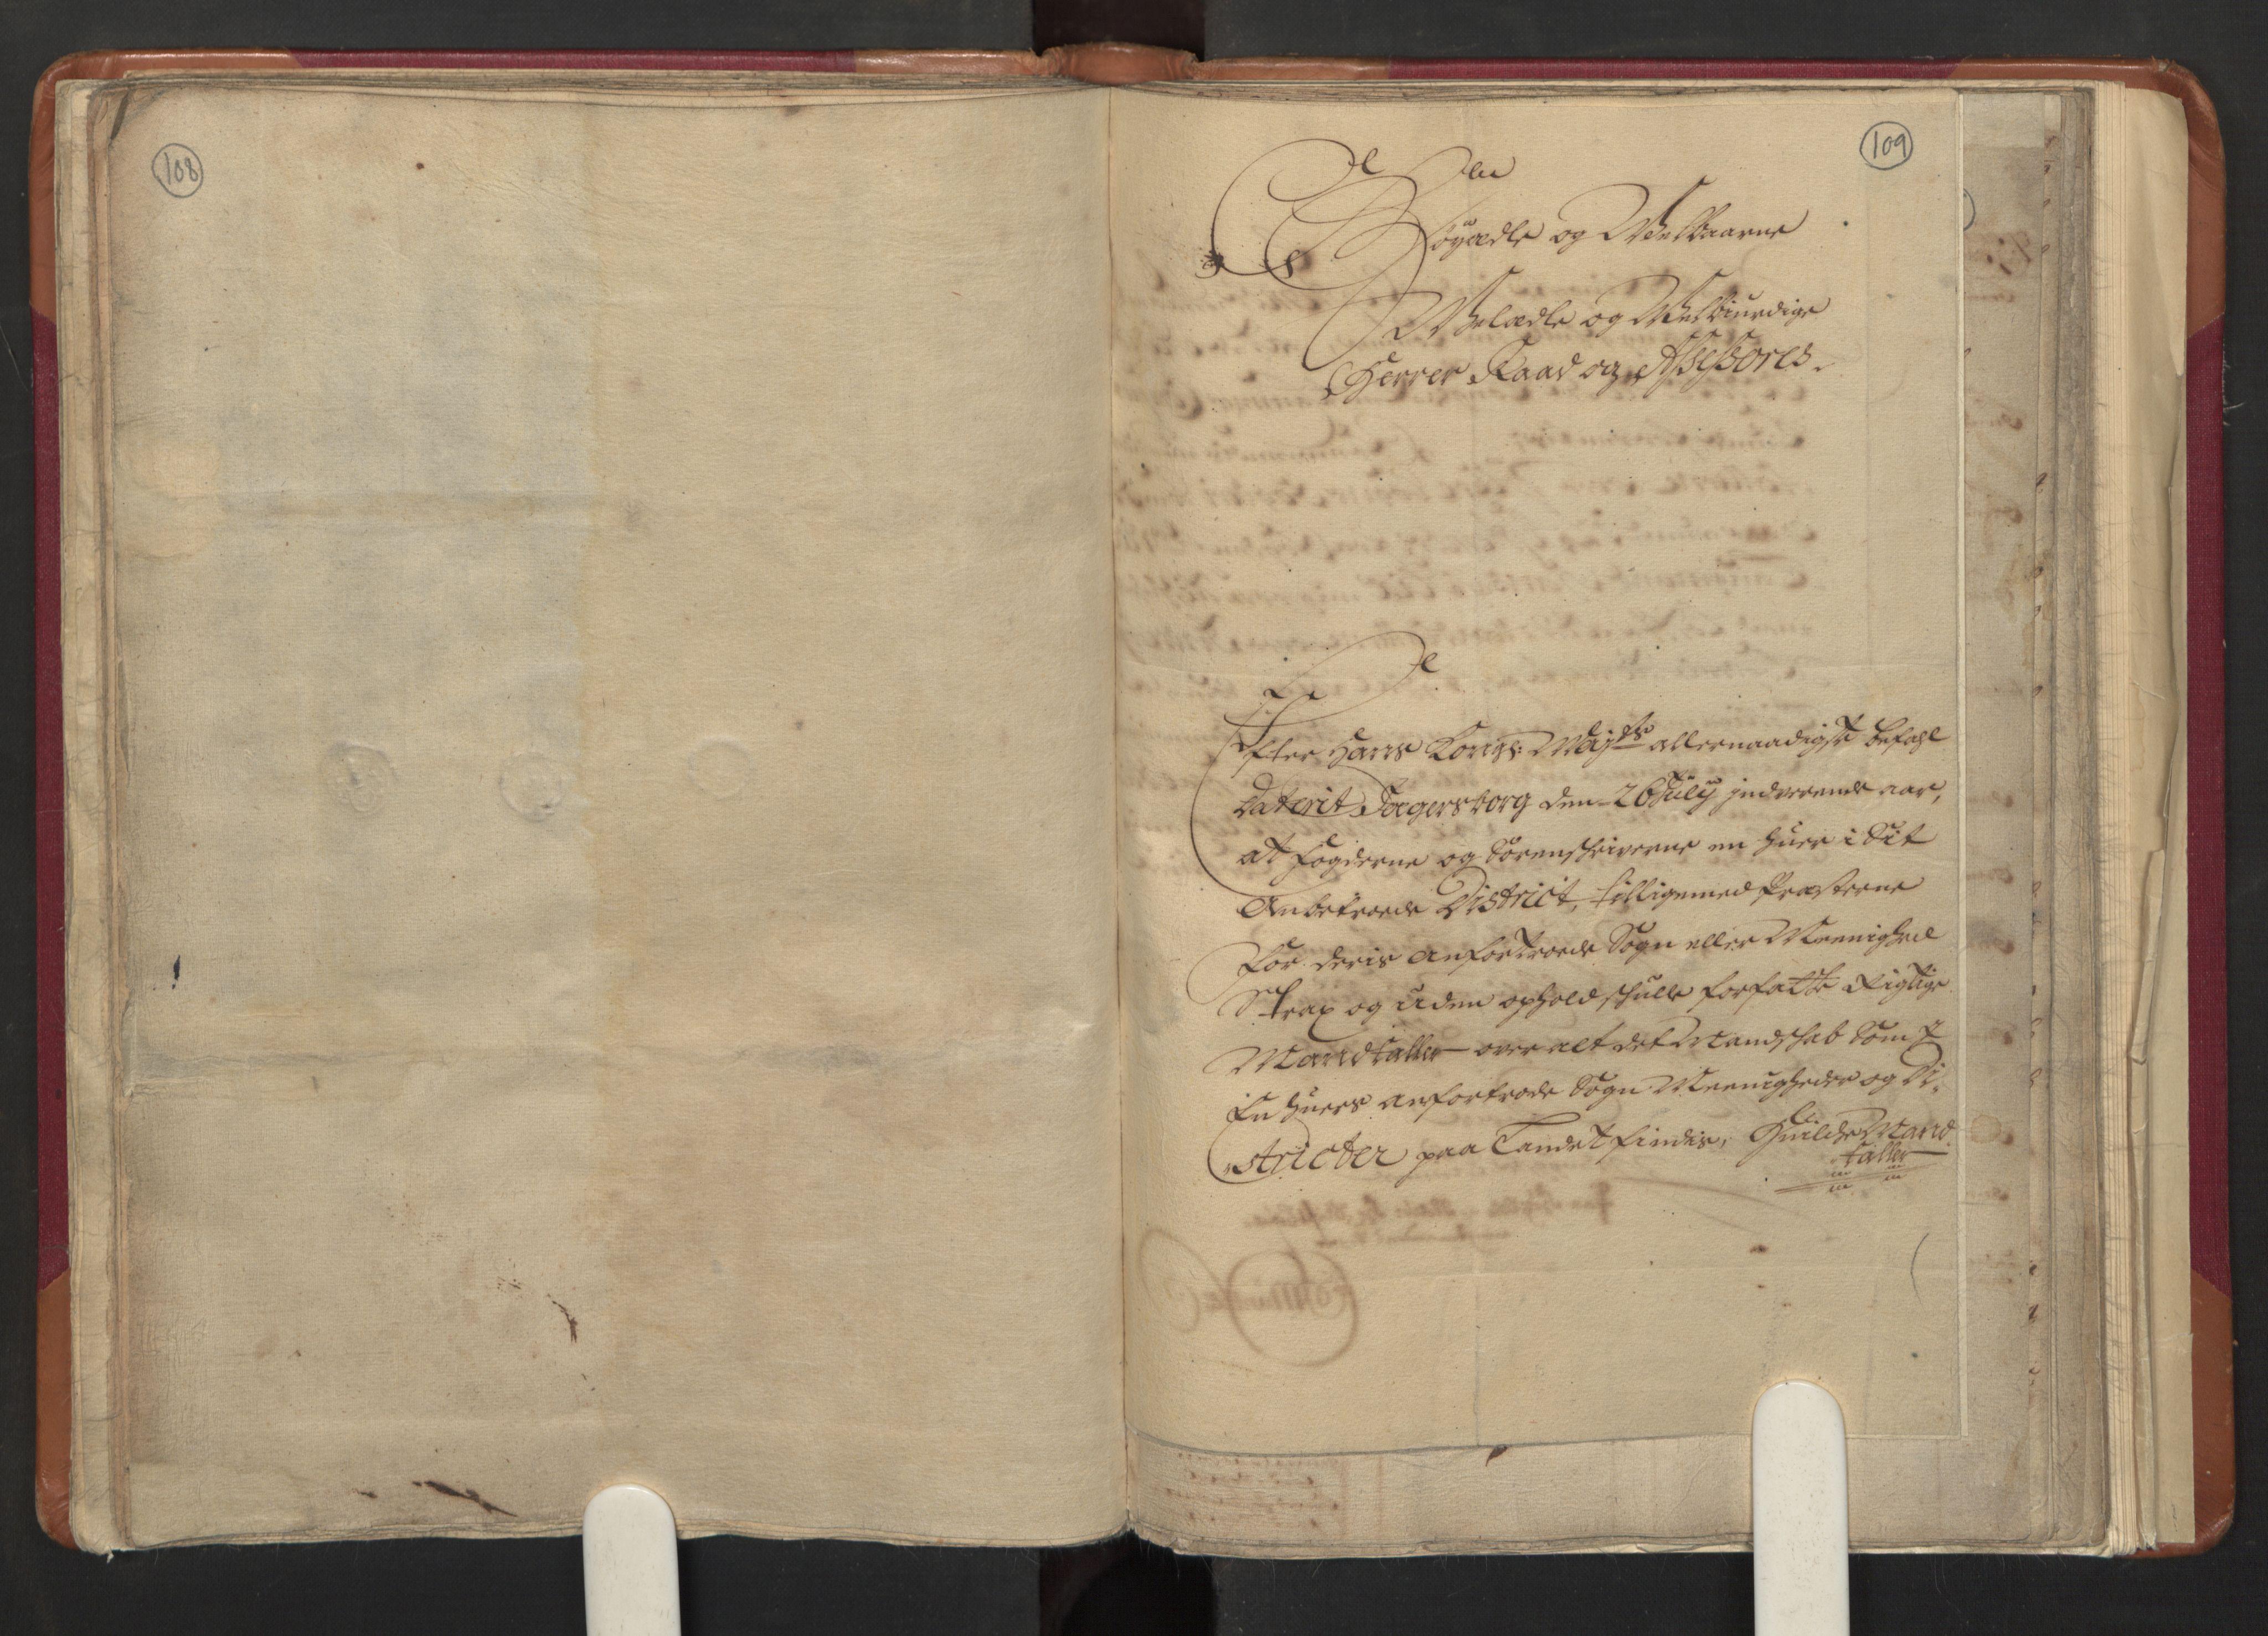 RA, Manntallet 1701, nr. 8: Ytre Sogn fogderi og Indre Sogn fogderi, 1701, s. 108-109